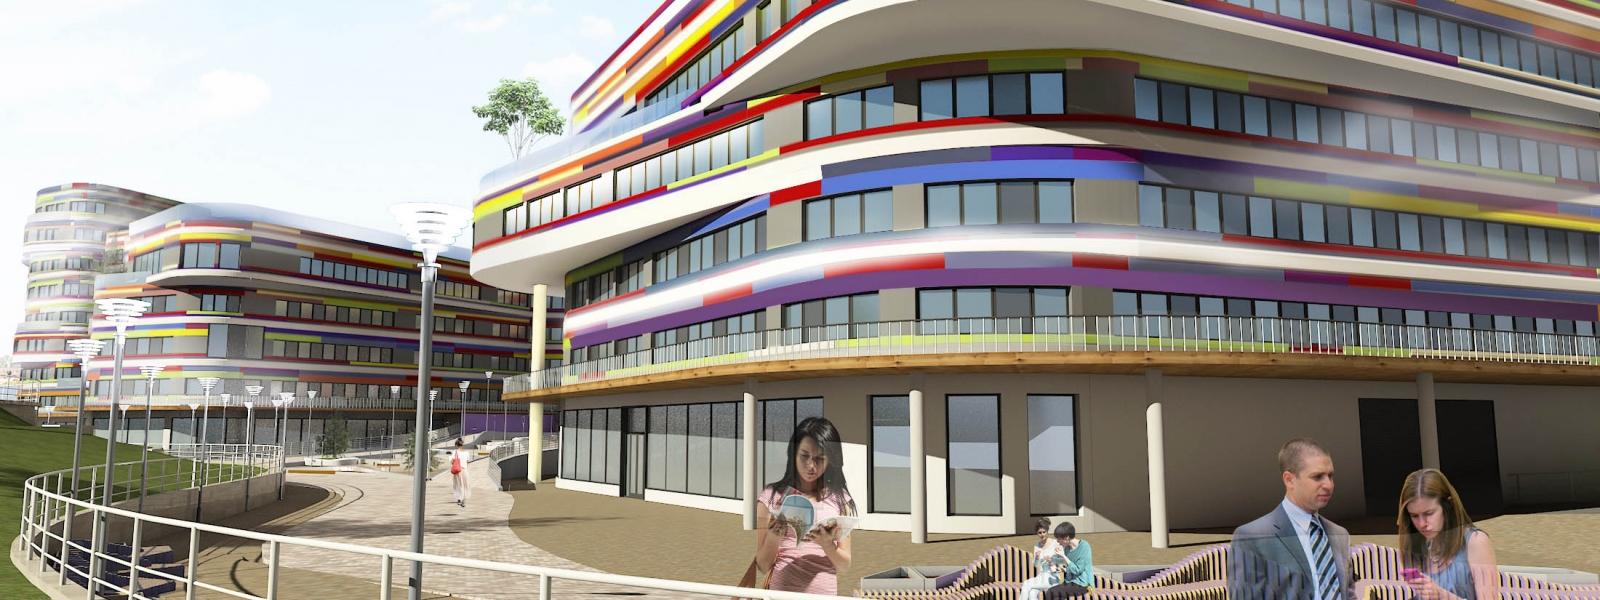 work-Студенческое общежитие на 1000 мест в Тюмени